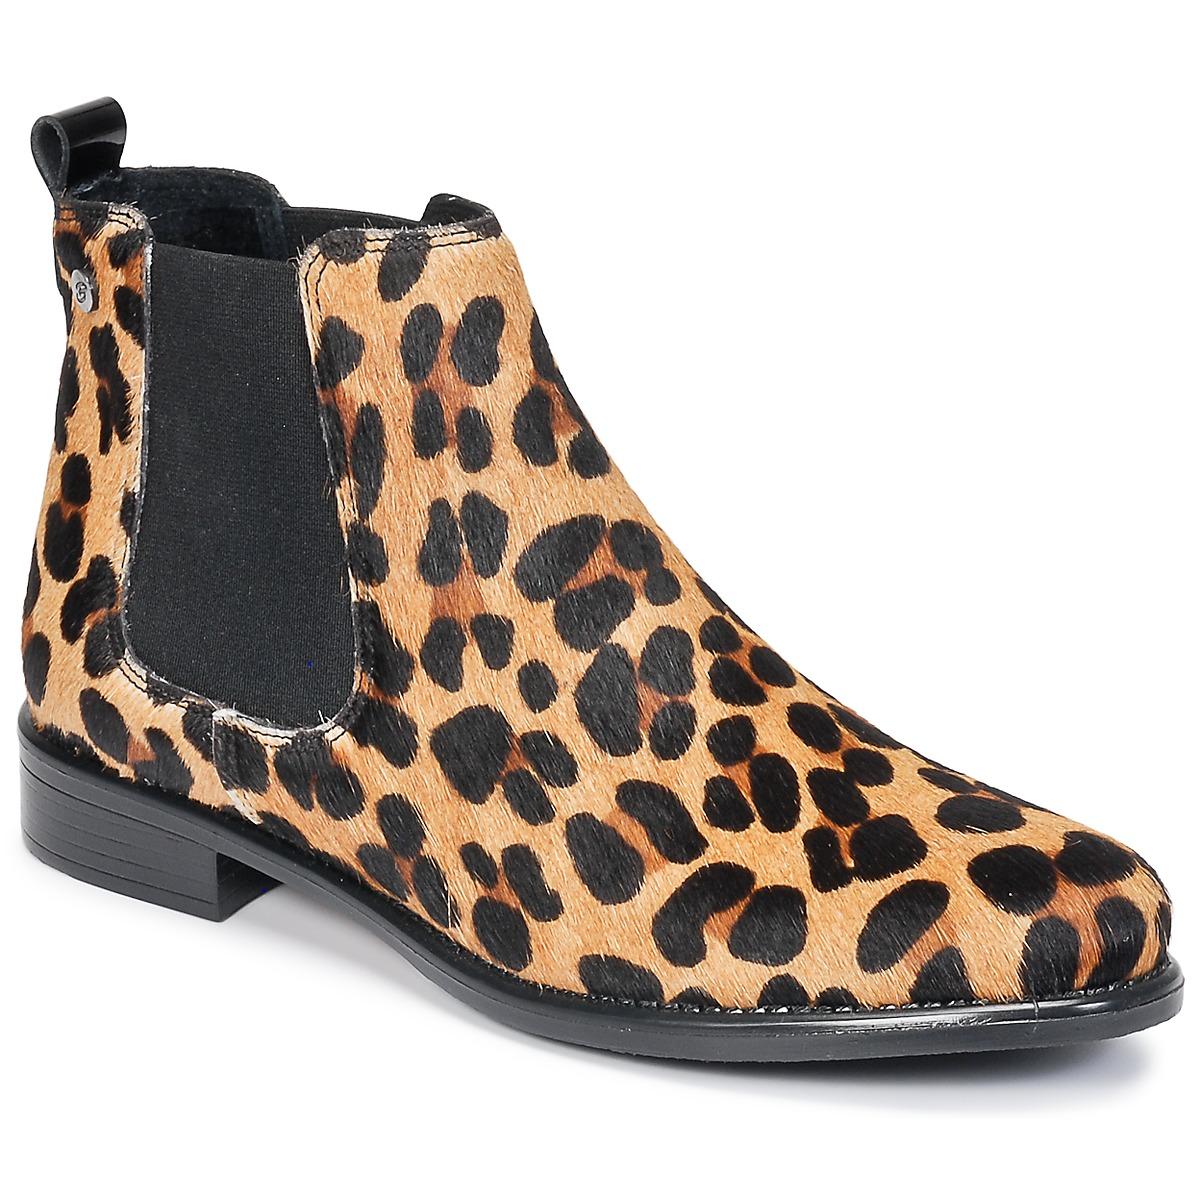 Betty London HUGUETTE Leopard - Kostenloser Versand bei Spartoode ! - Schuhe Boots Damen 99,99 €